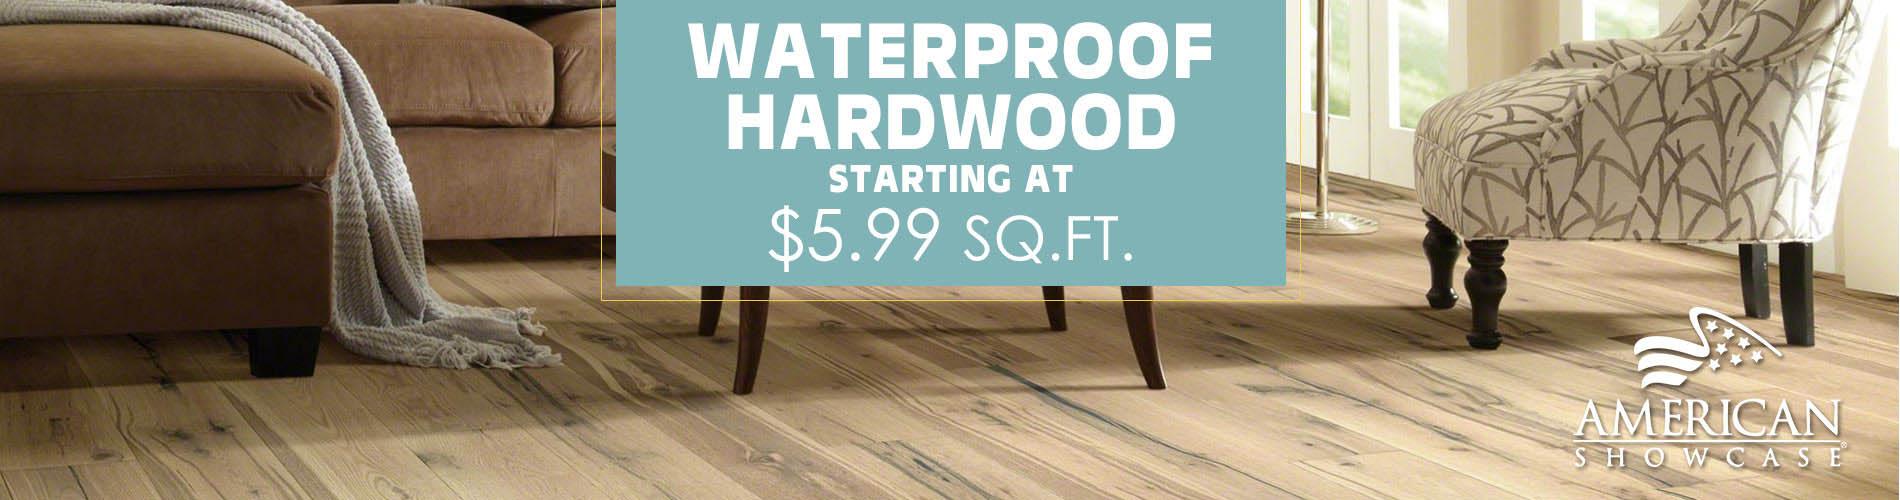 Waterproof hardwood starting at $5.99 sq.ft.